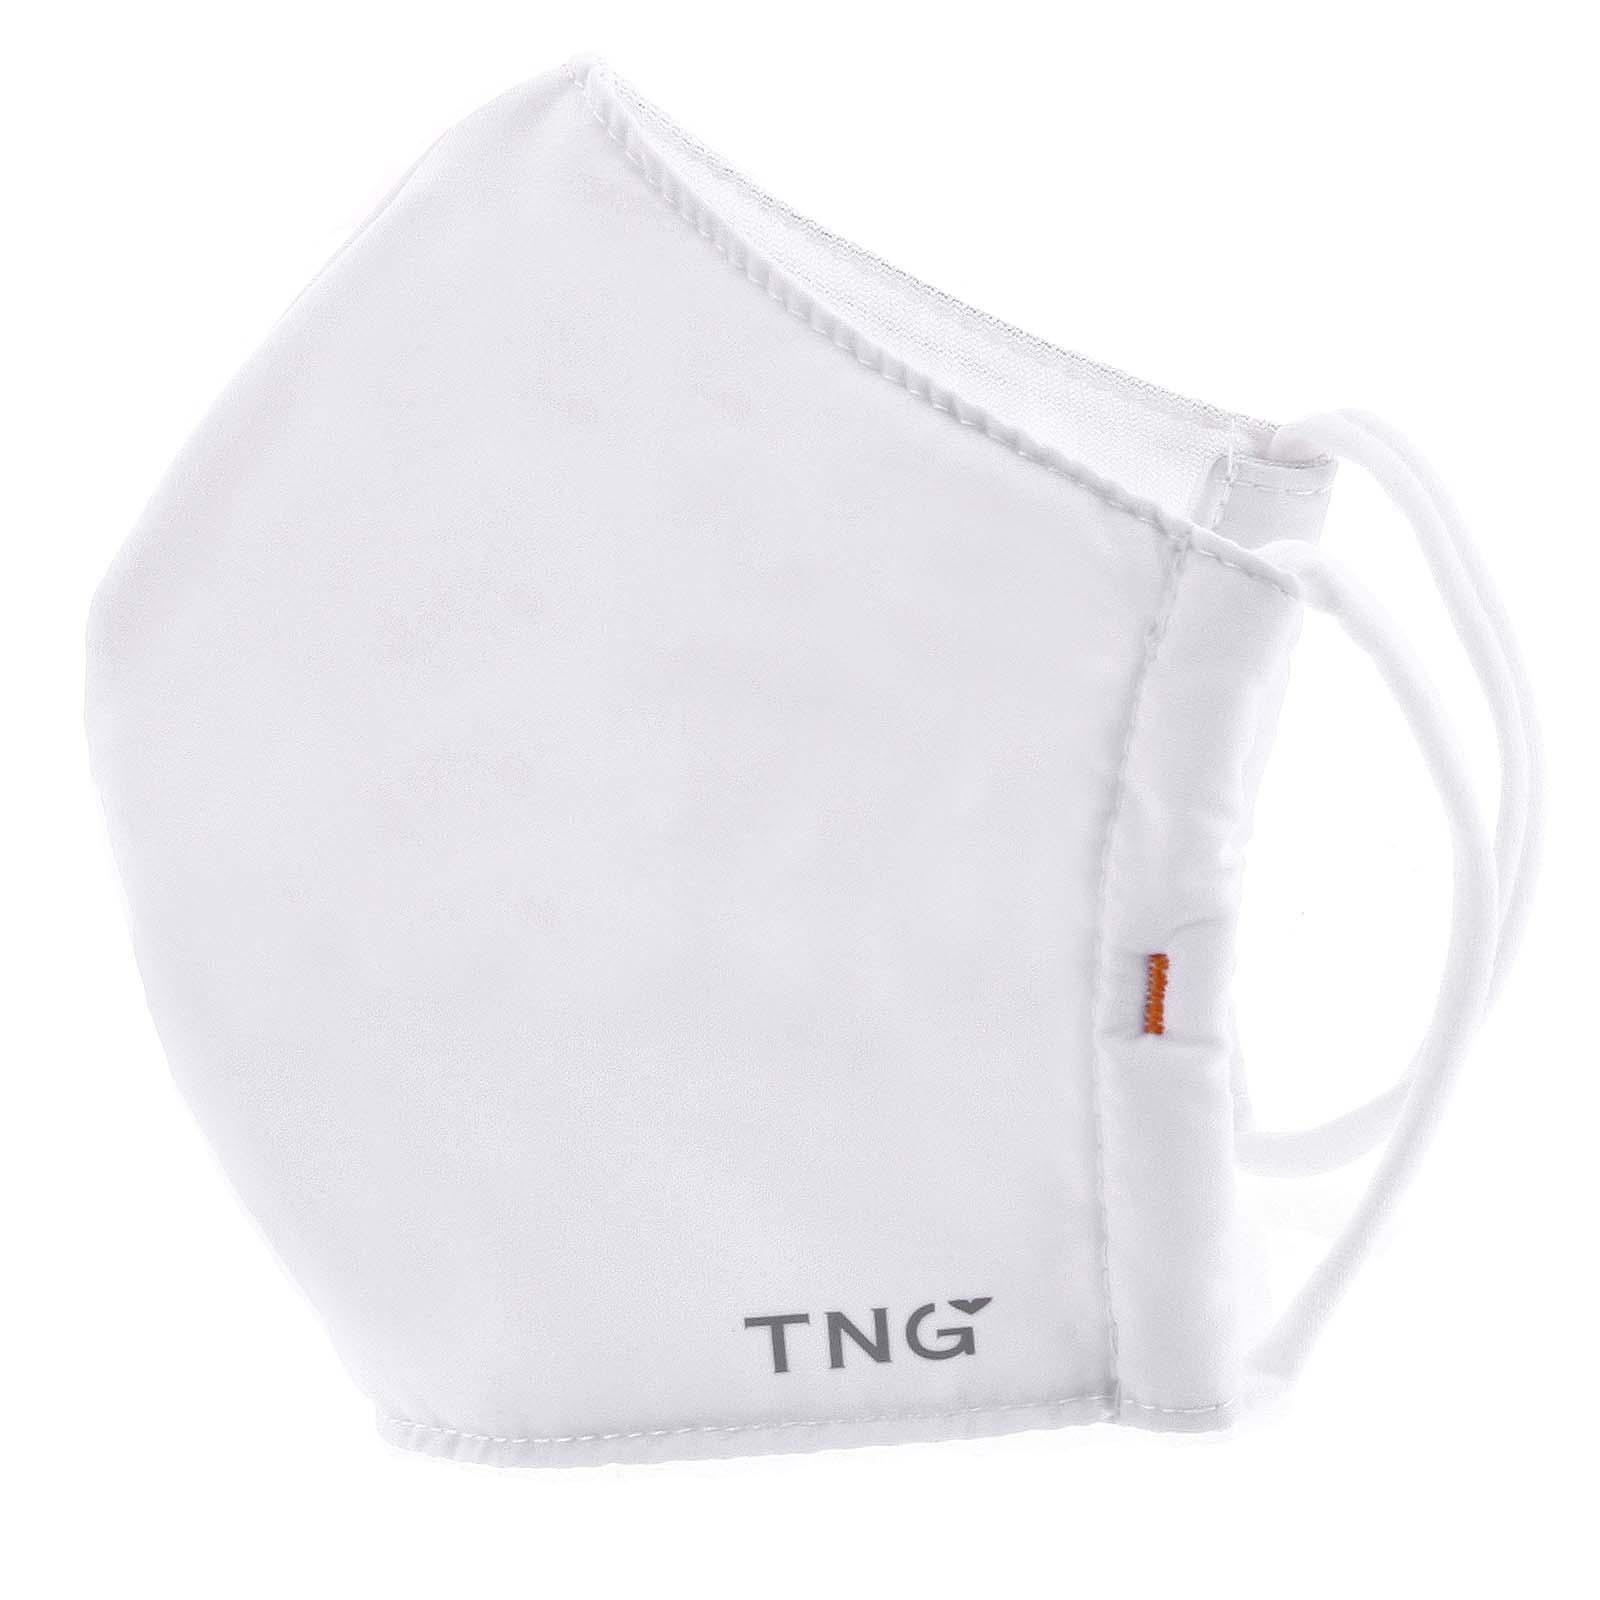 Štýlové antibakteriálne trojvrstvové rúško biele - TNG L